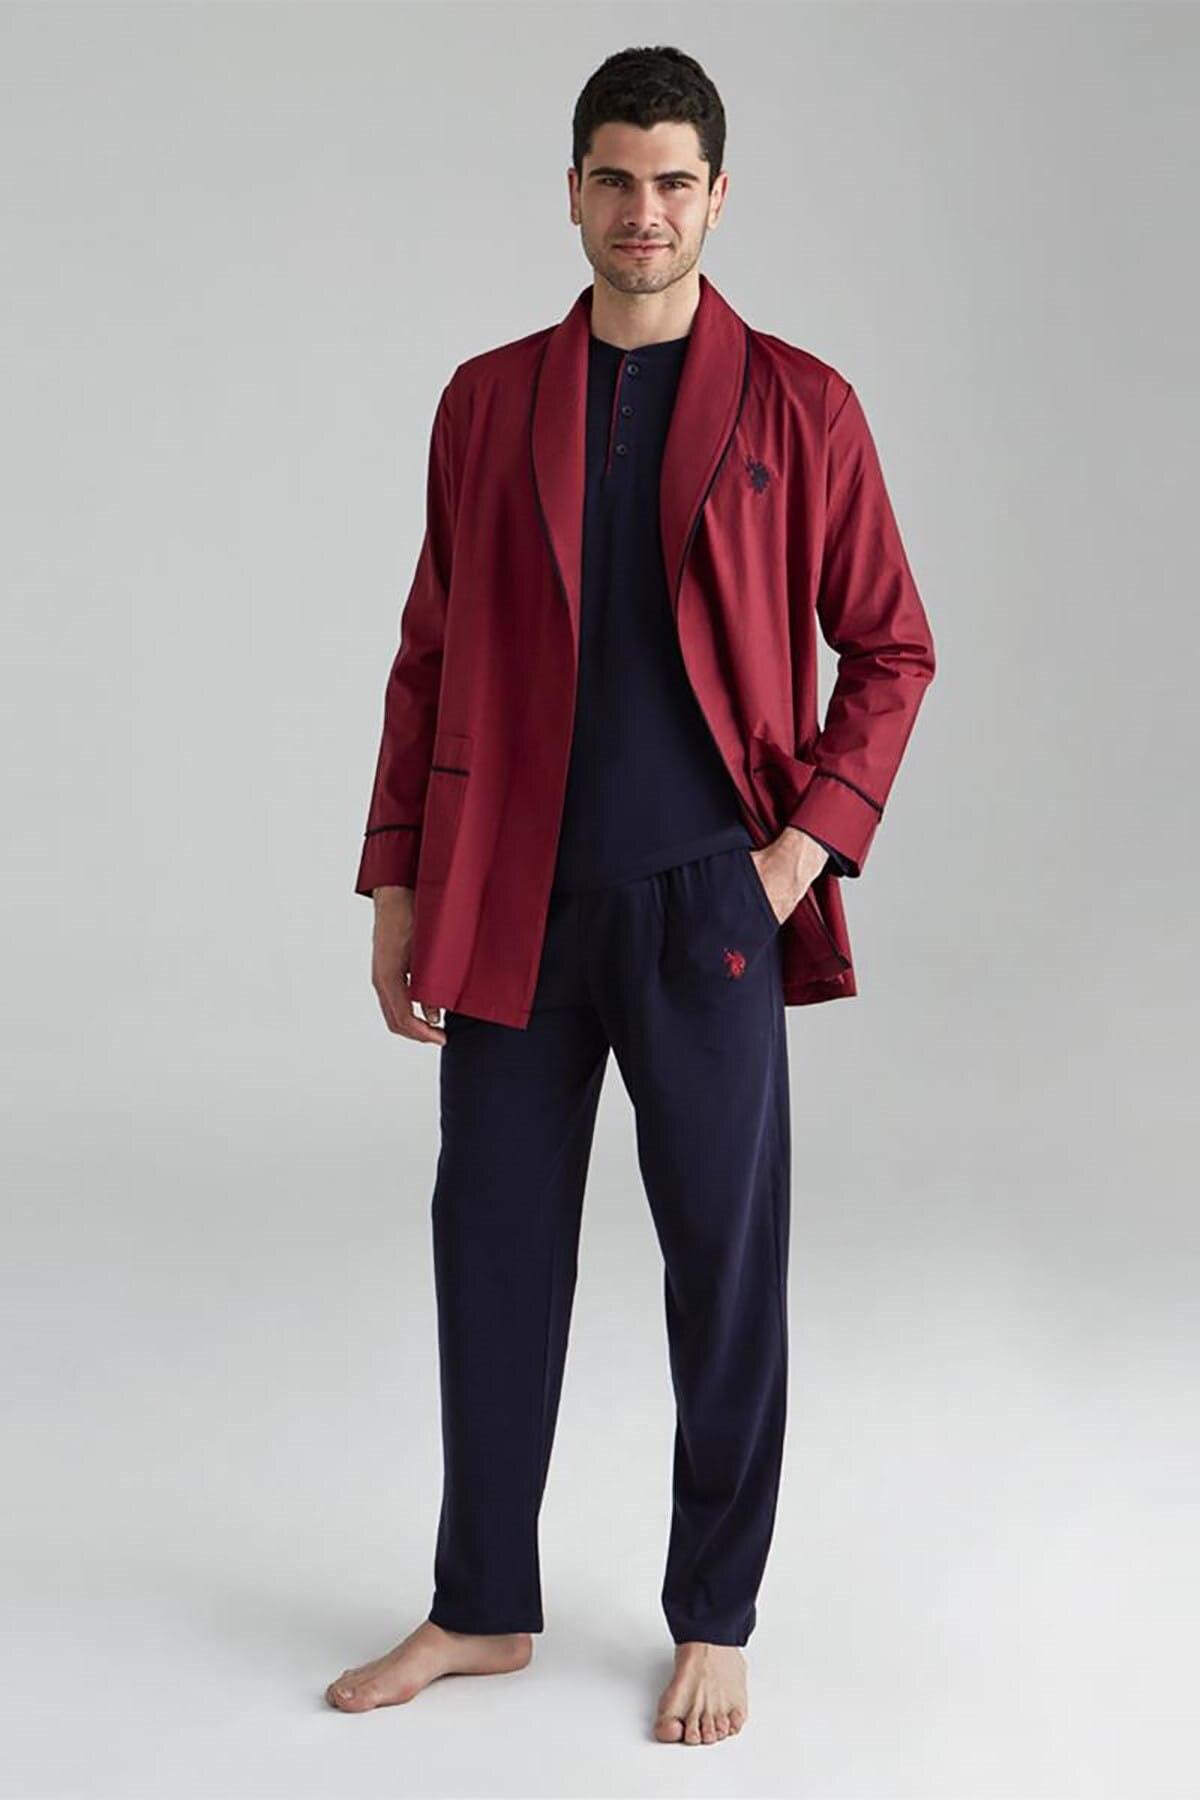 Мужская Ночная рубашка, длинная ночная рубашка, пижамный комплект, хлопковое домашнее белье, удобное нижнее белье, мужское удобное нижнее б...